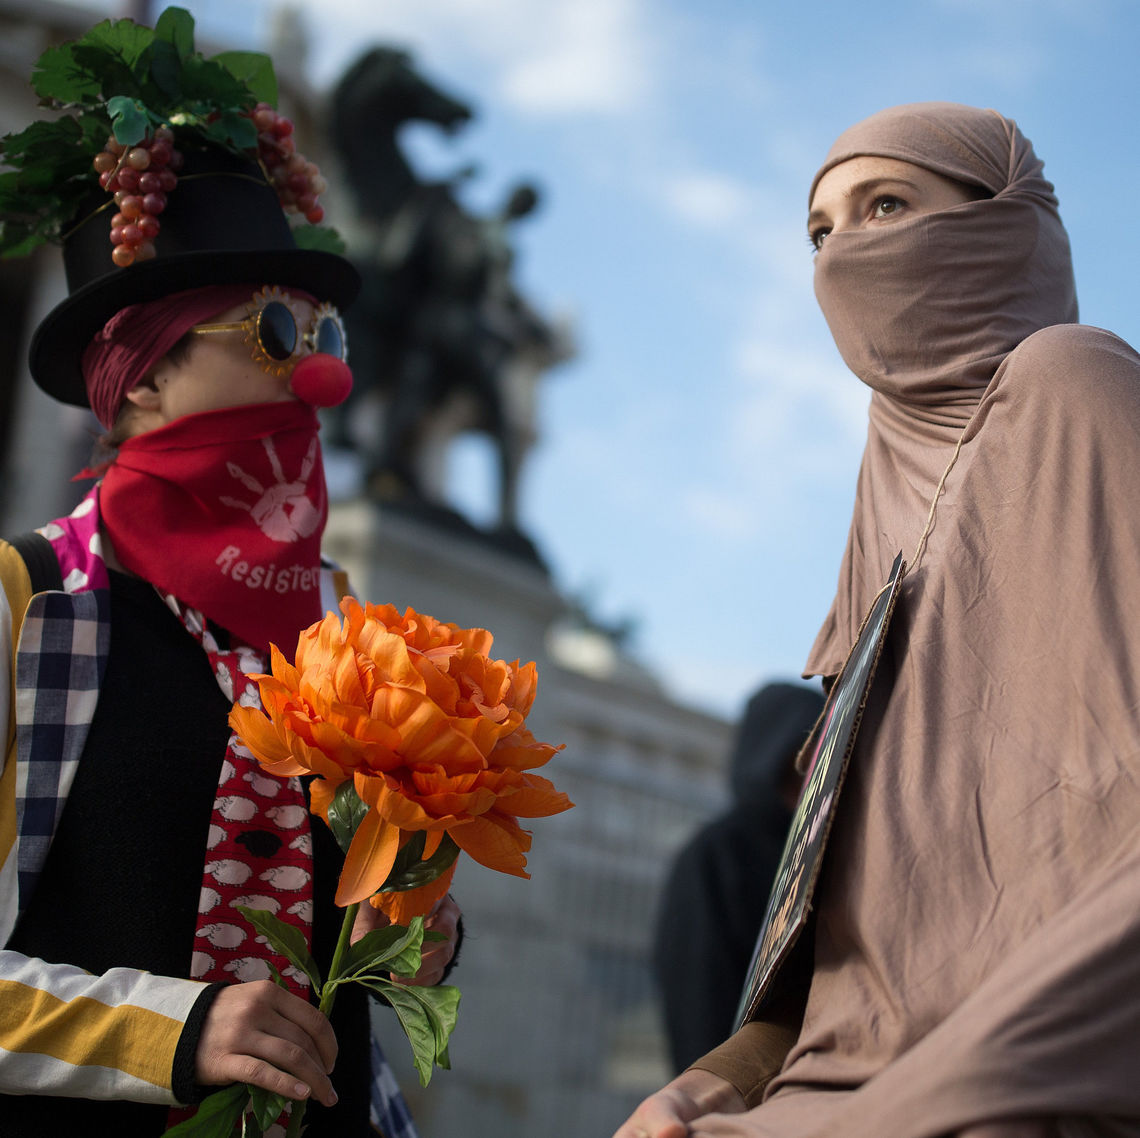 """Zwei der Demonstrantinnen, die am 1. Oktober mit dem """"traditionellen Clownspaziergang"""" vor dem Parlament in Wien gegen das Verschleierungsverbot demonstriert haben."""